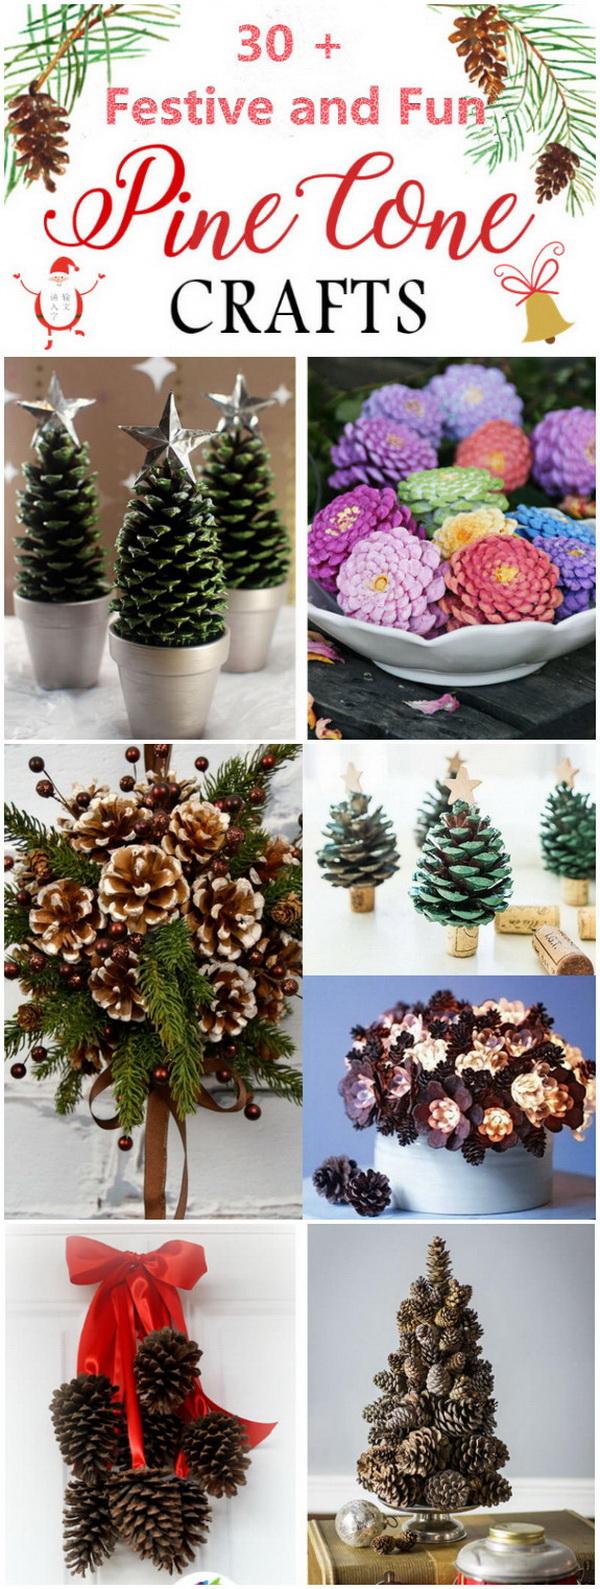 30+ Festive and Fun Pine Cone Crafts.